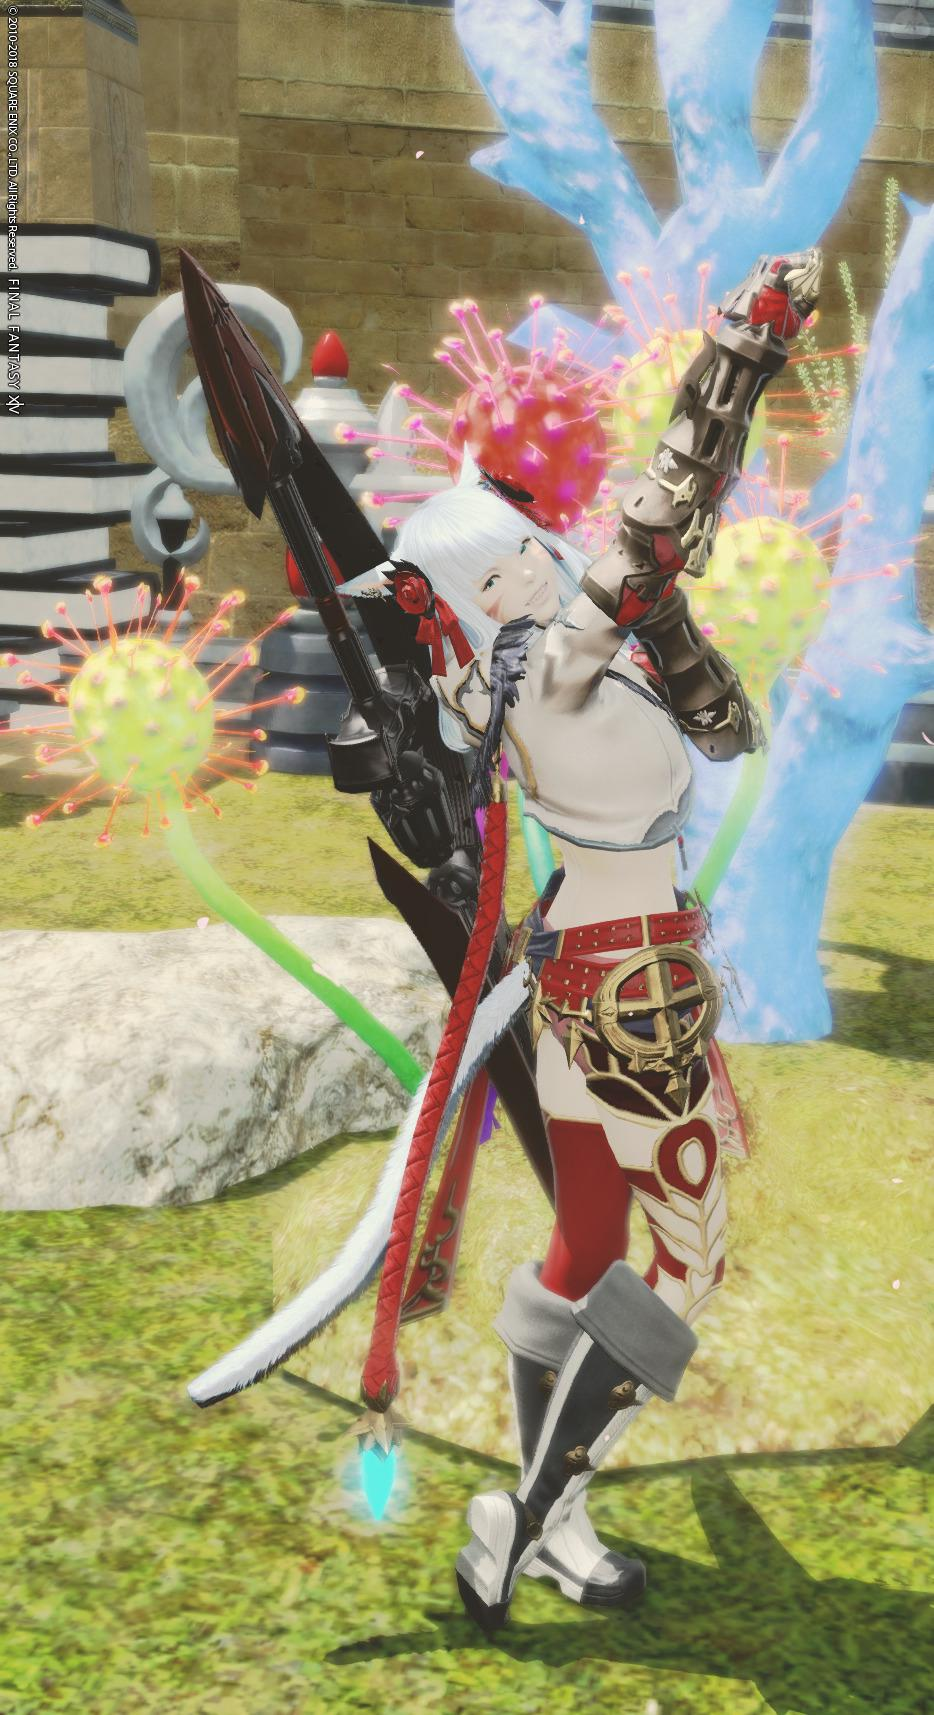 ナタ姫騎士